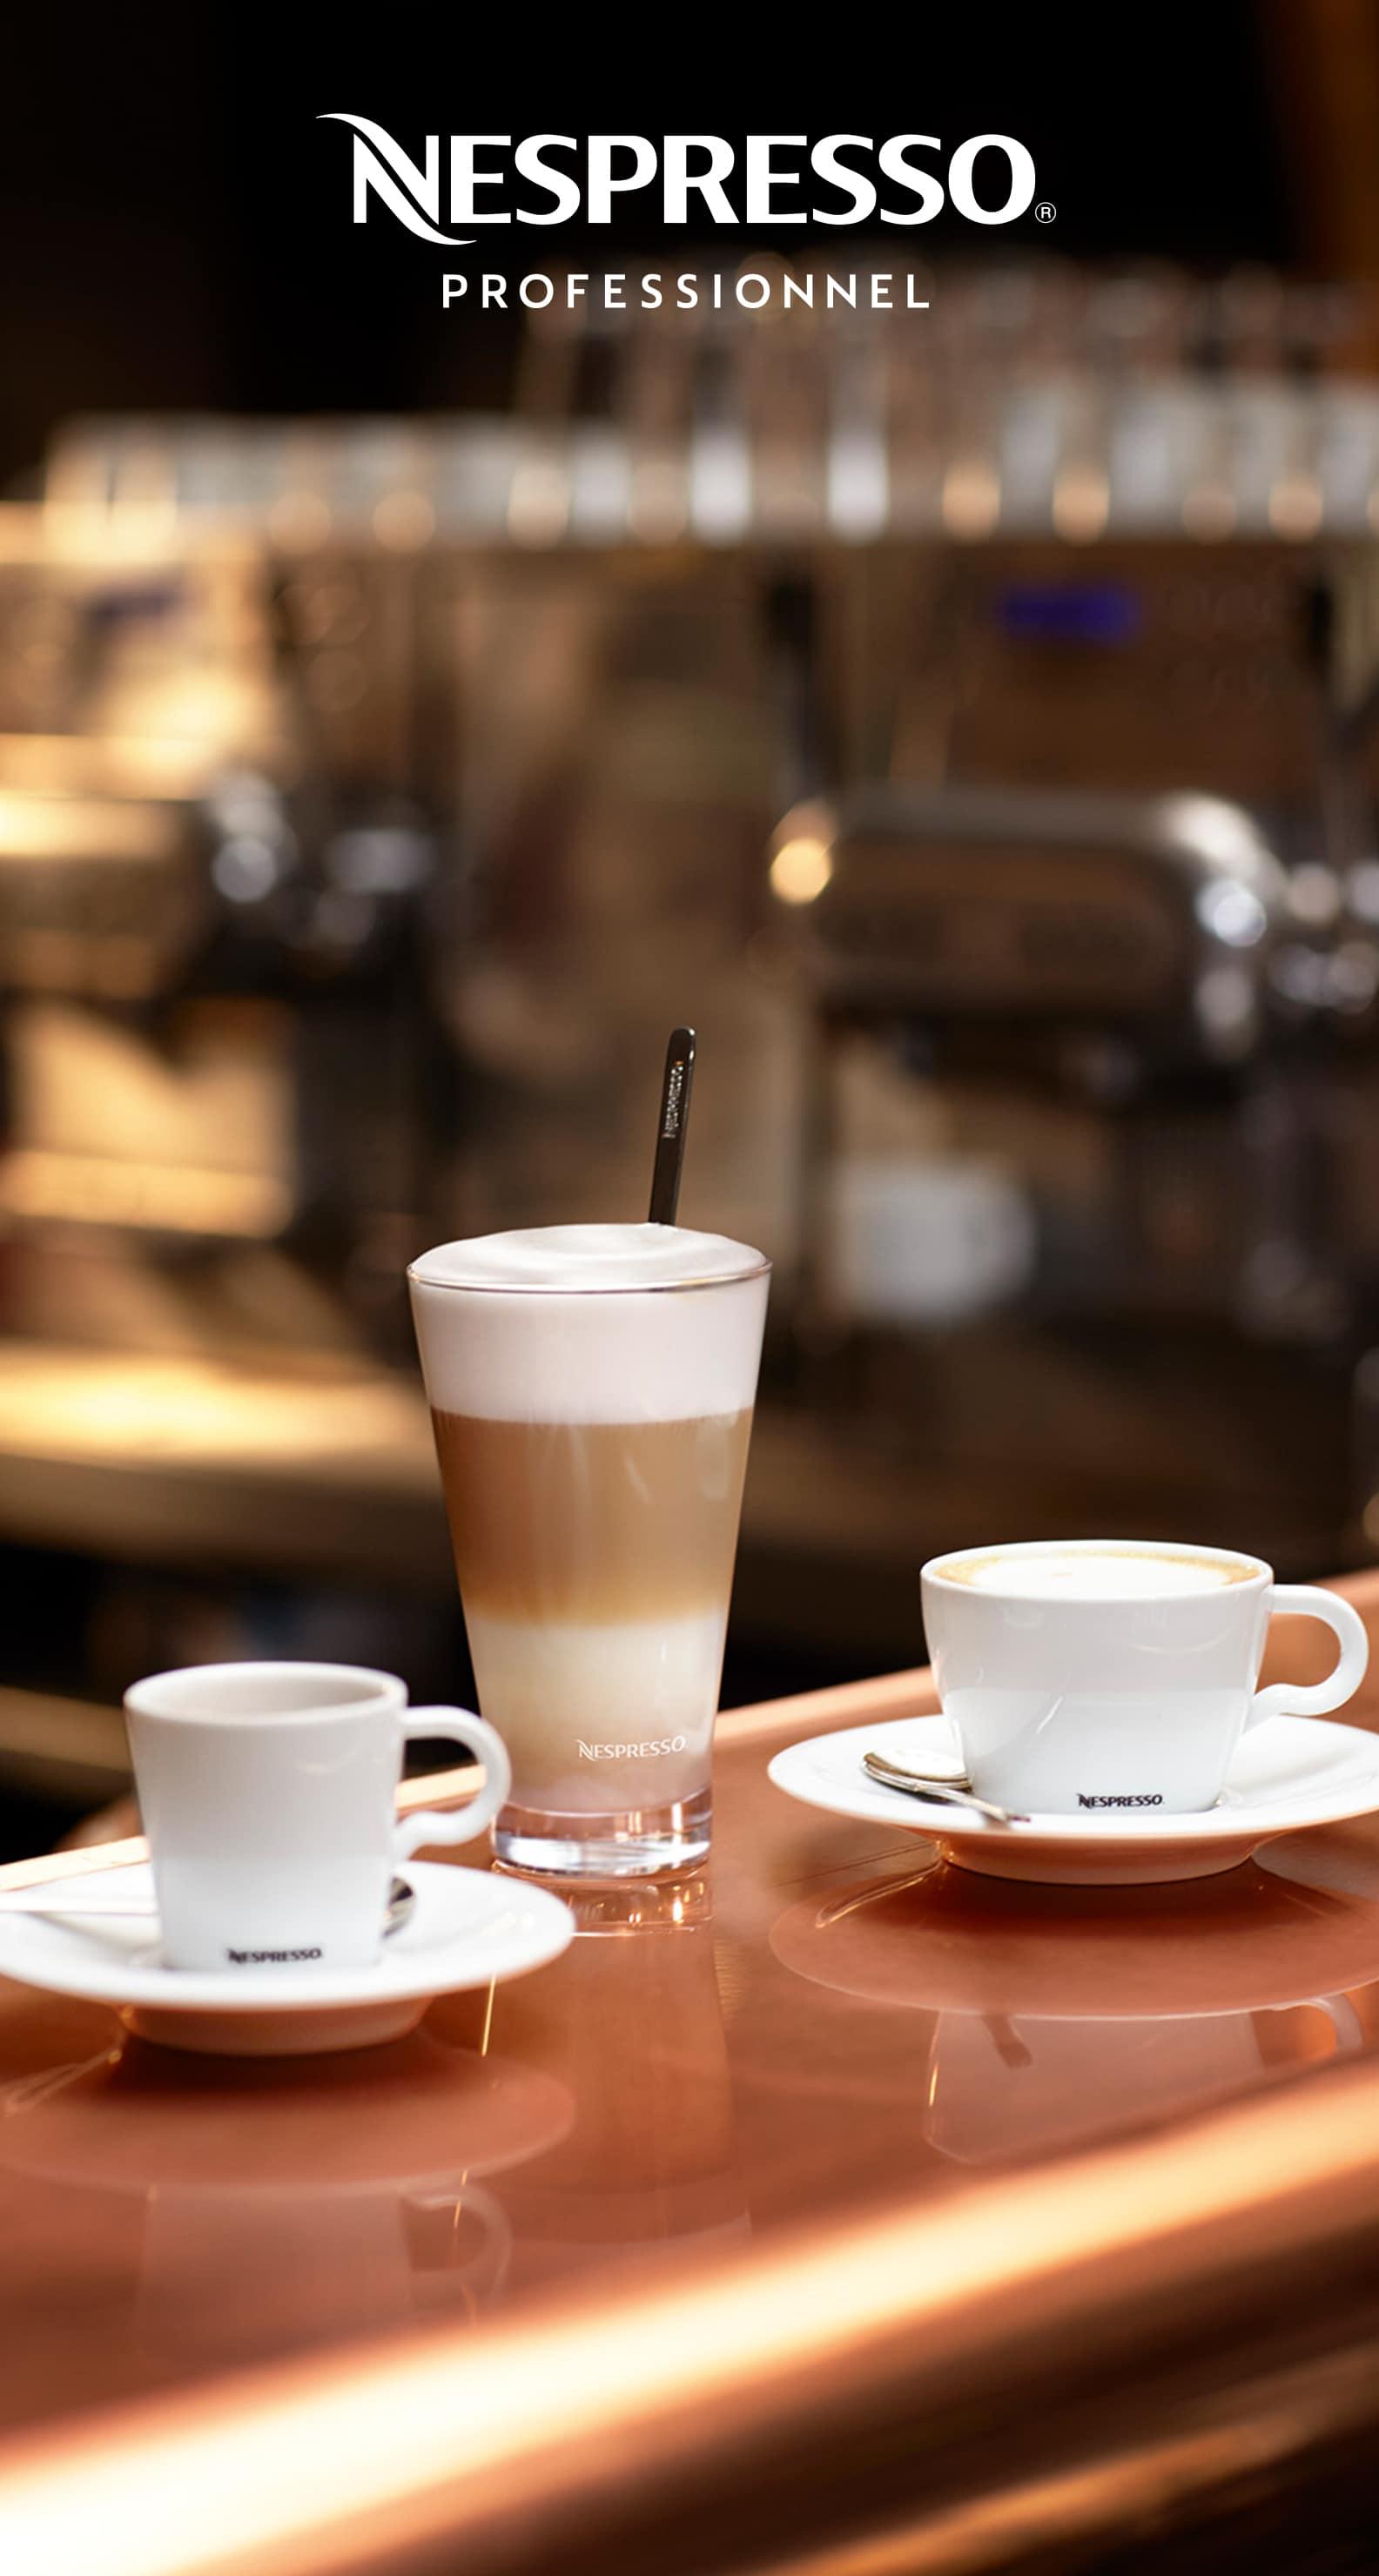 Nespresso Professionnel vous invite à Equip'Hotel